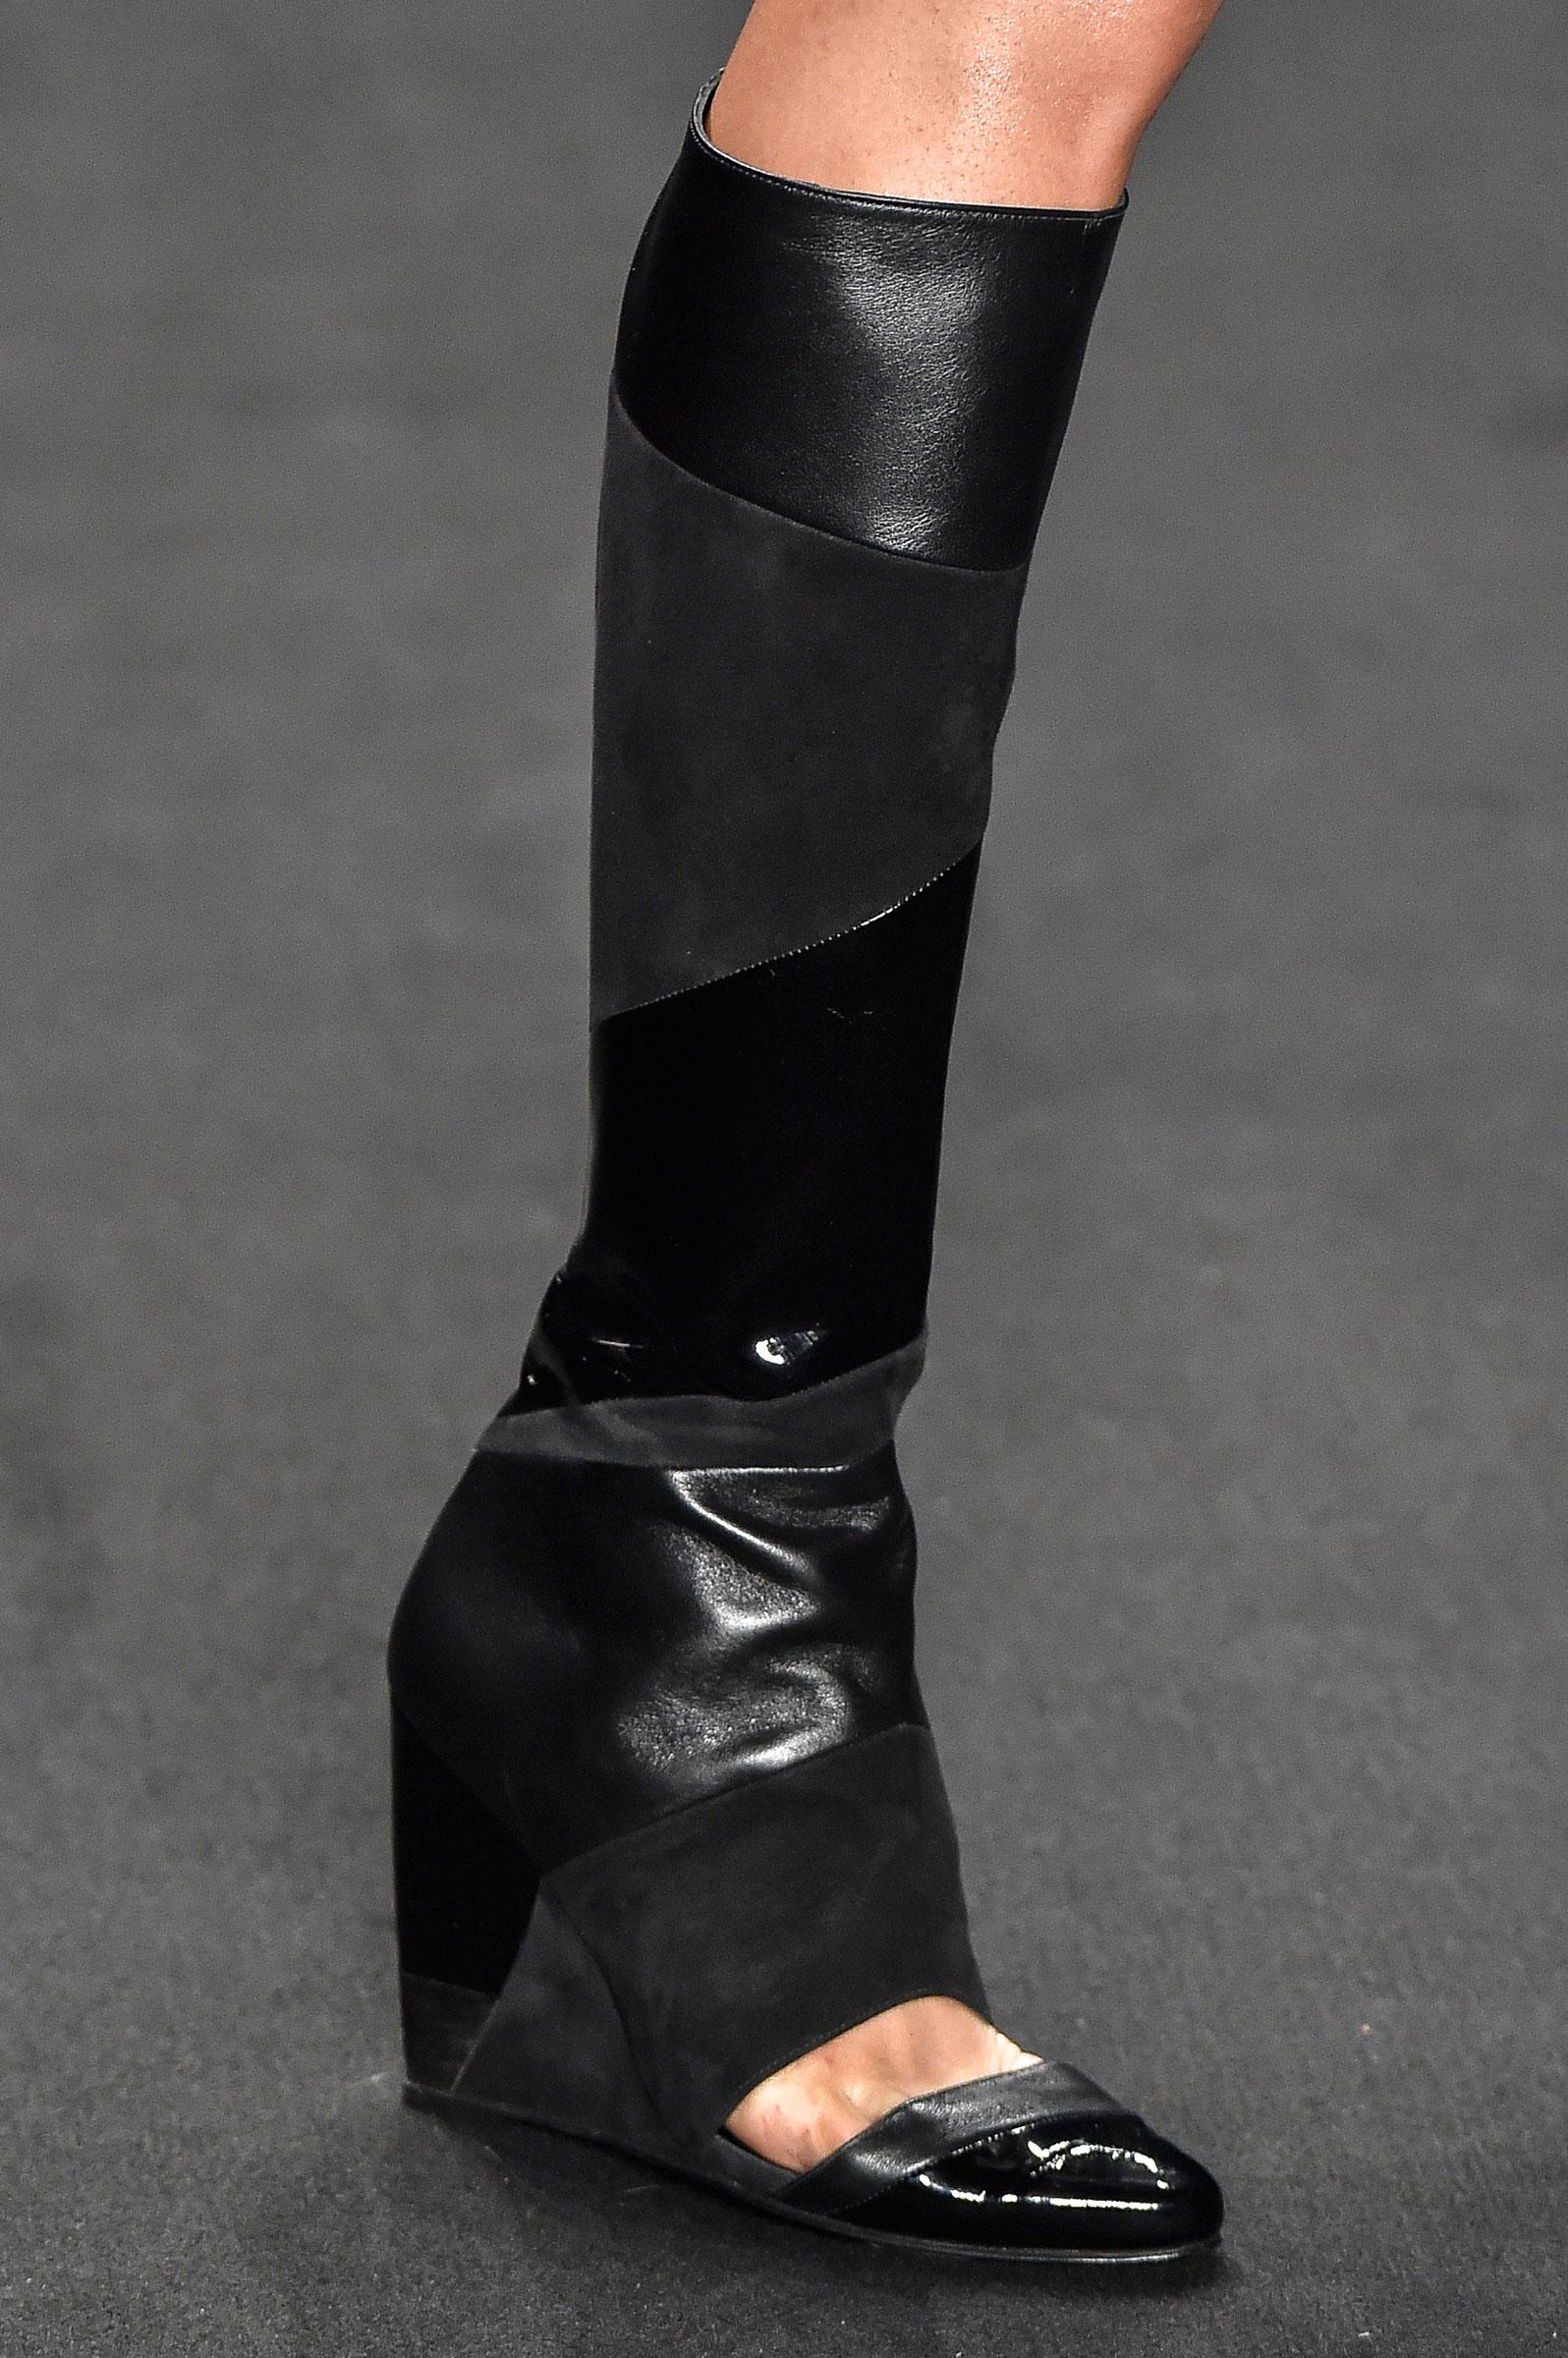 9eba39d23 Galeria de Fotos Acerte o passo: os melhores sapatos nas tendências mais  quentes do SPFW // Foto 6 // Notícias // FFW